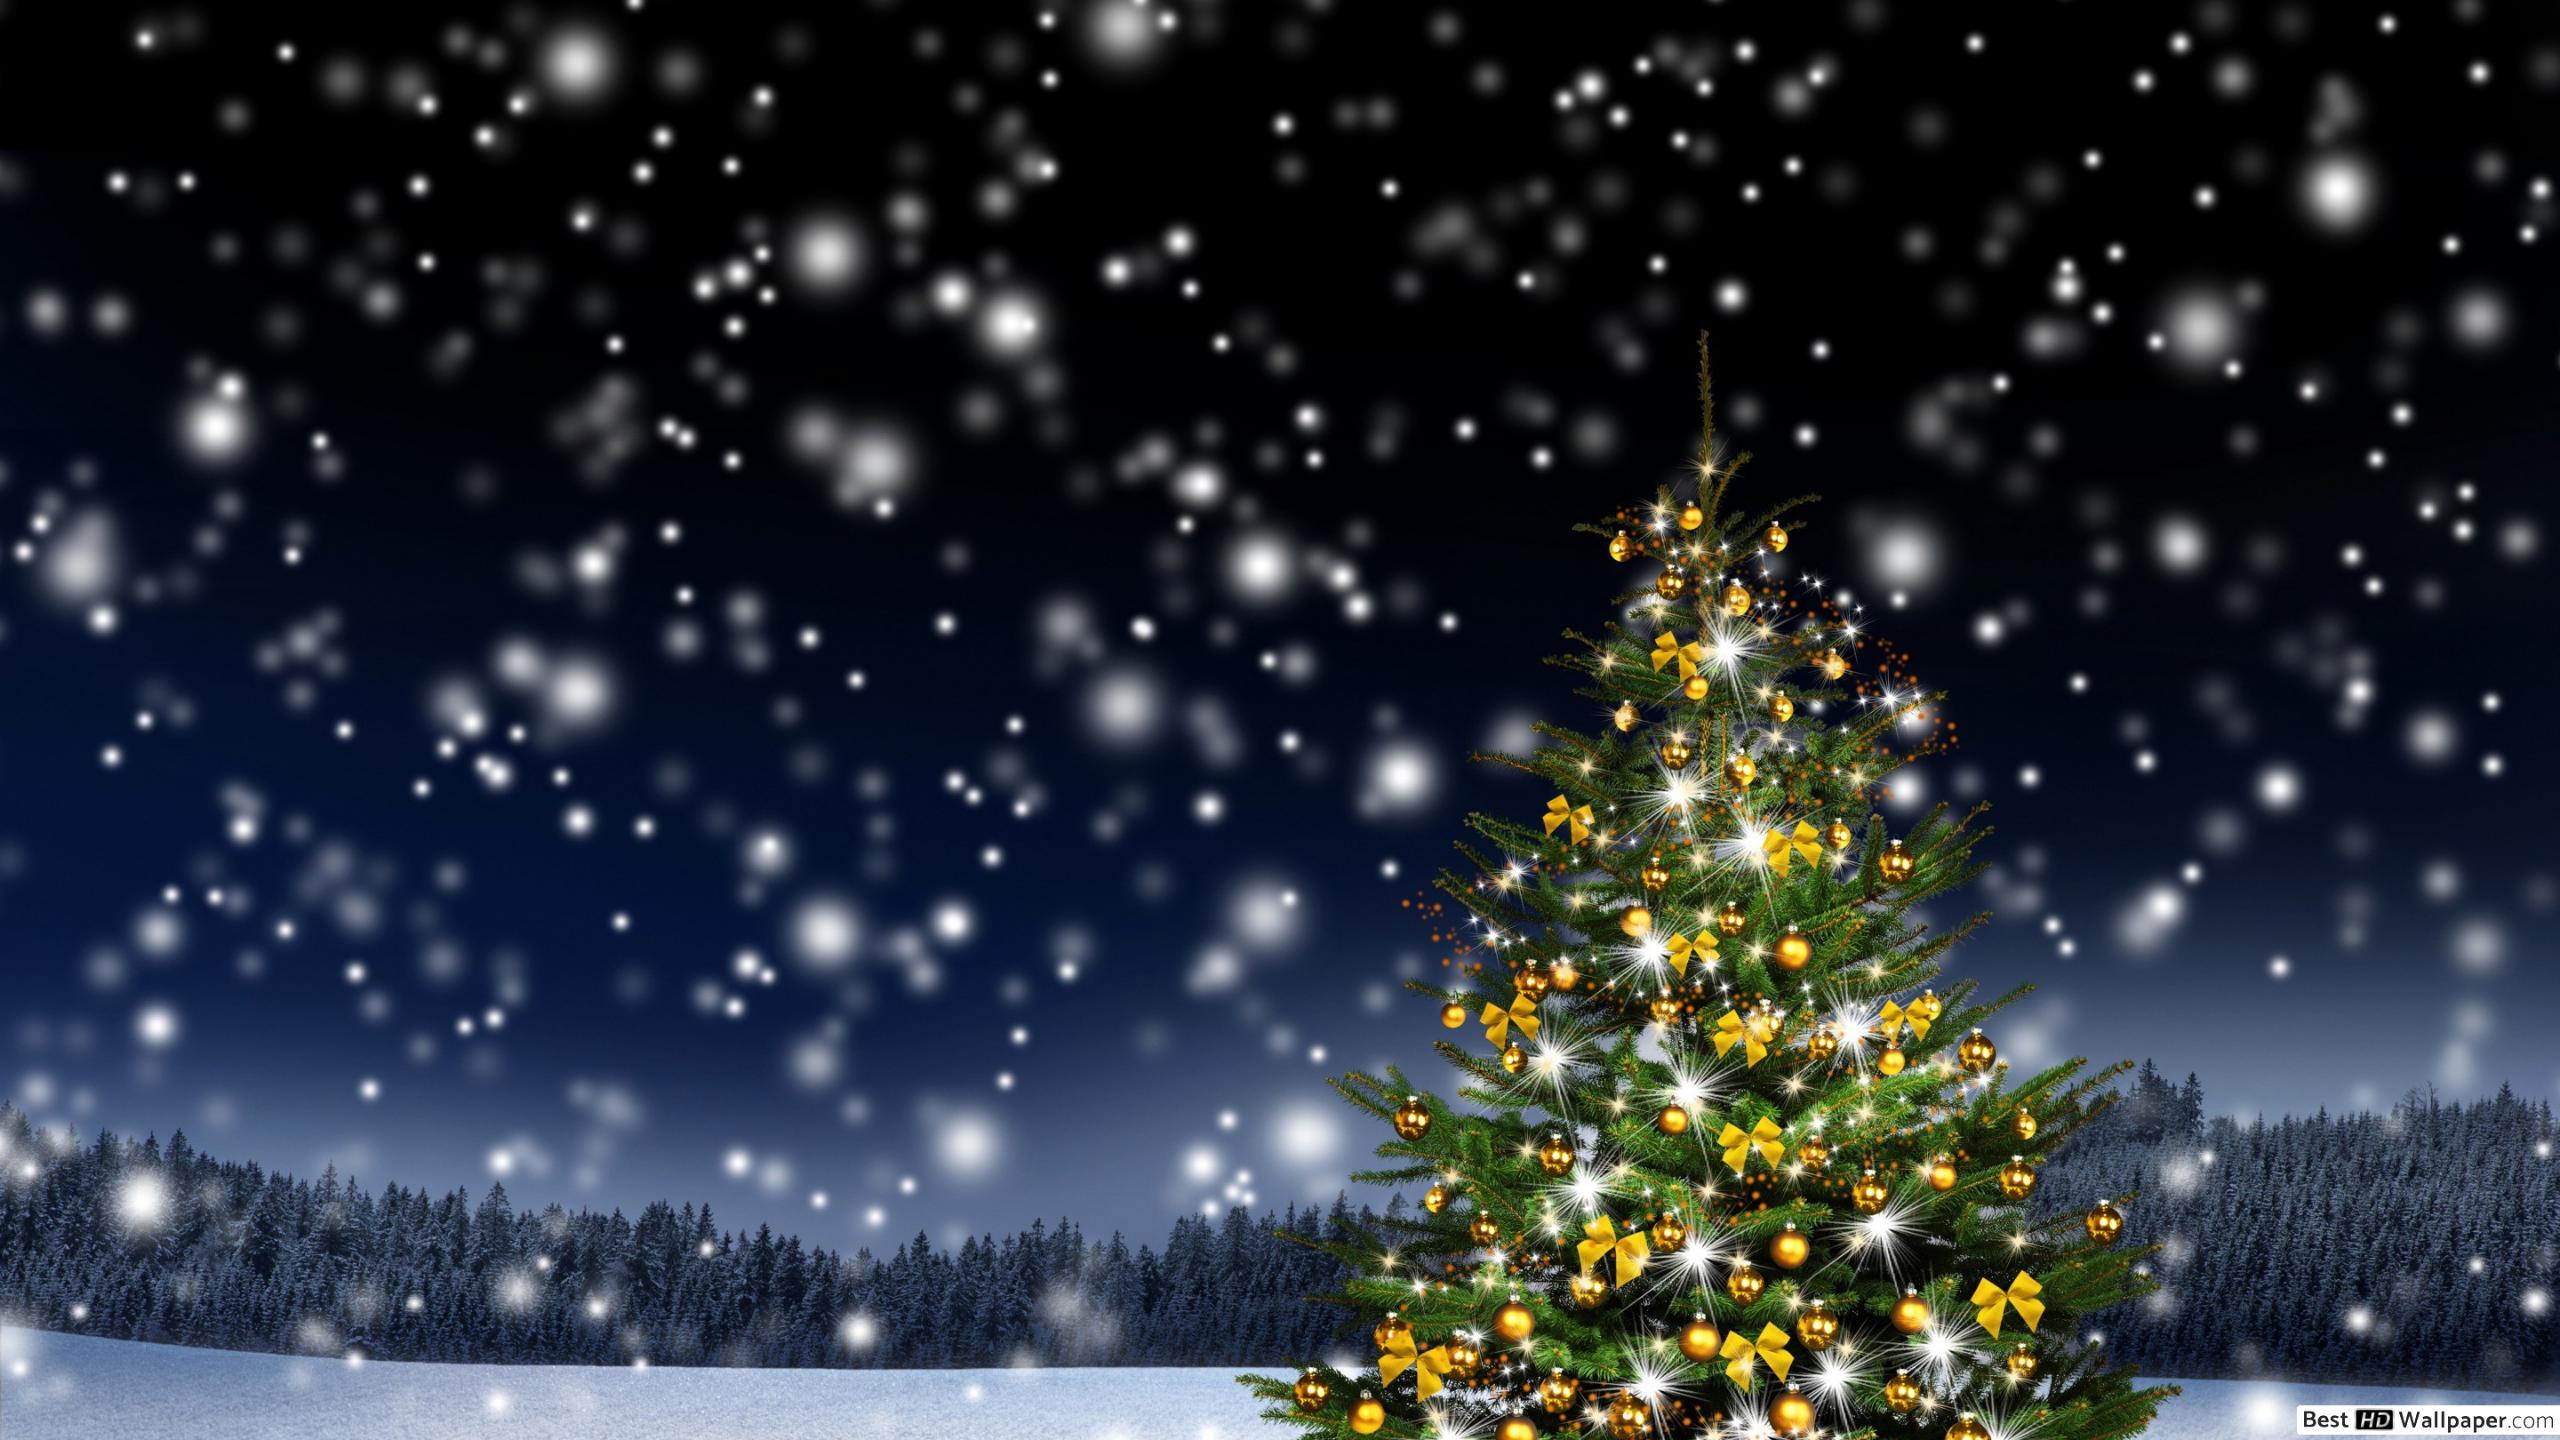 Snow And Christmas Lights 2560x1440 Wallpaper Teahub Io